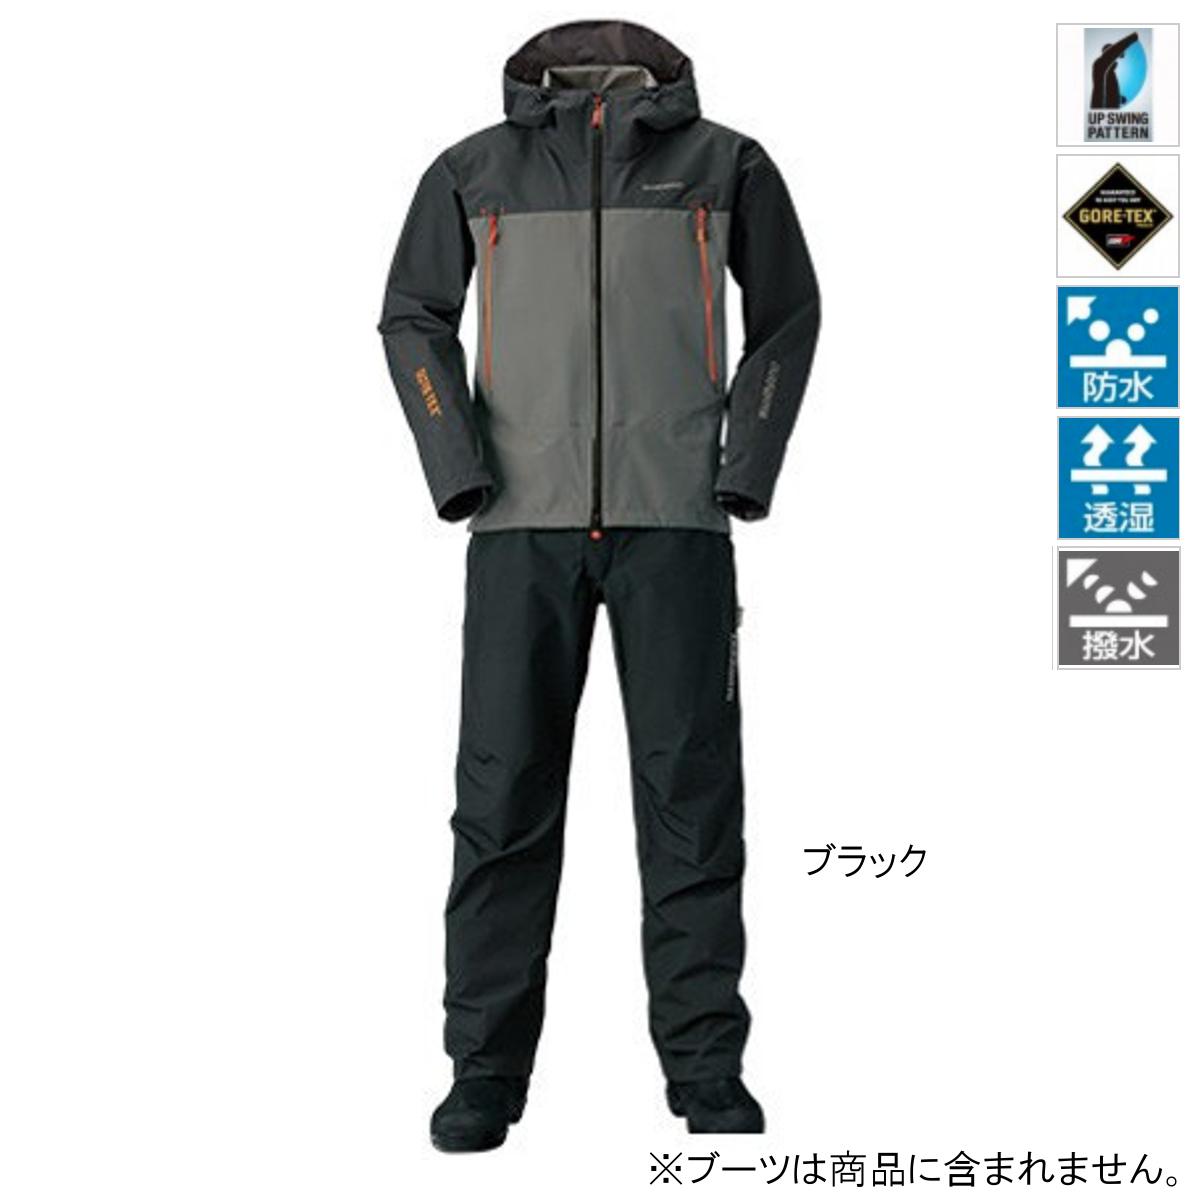 シマノ GORE-TEX ベーシックスーツ RA-017R L ブラック